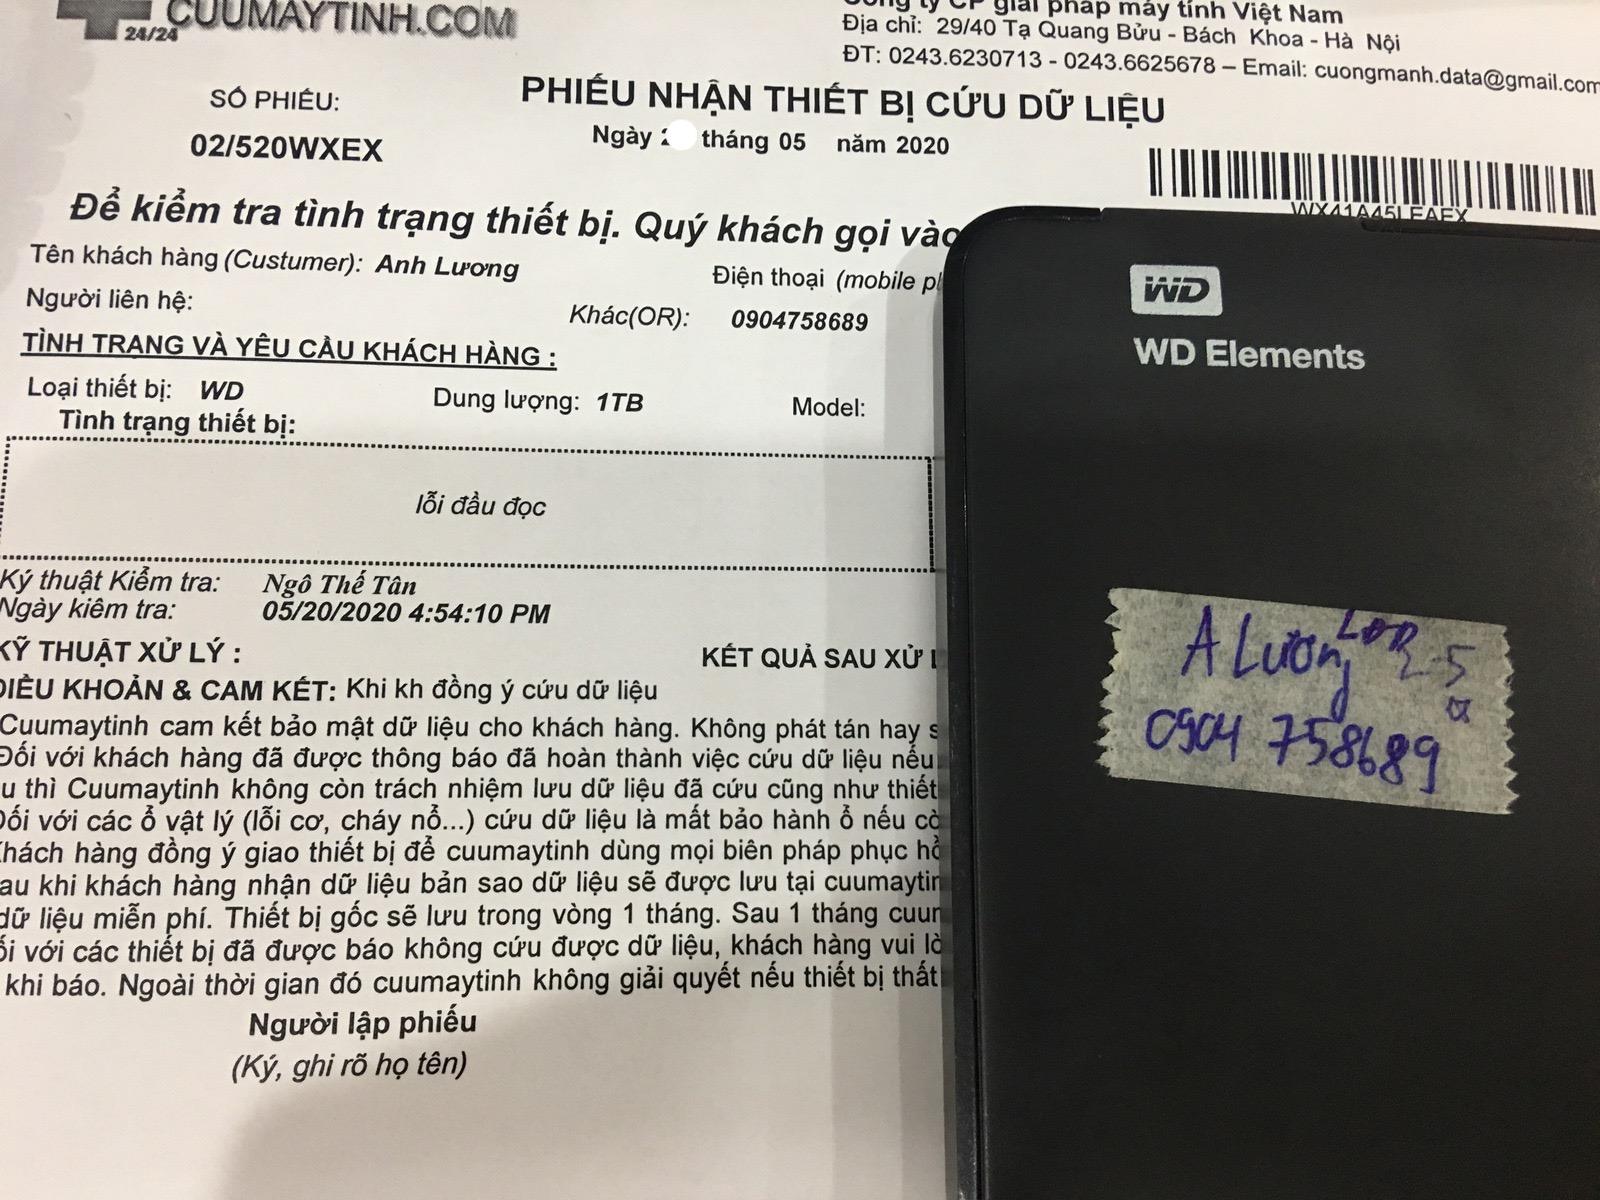 Cứu dữ liệu ổ cứng Western 1TB lỗi đầu đọc 23/05/2020 - cuumaytinh